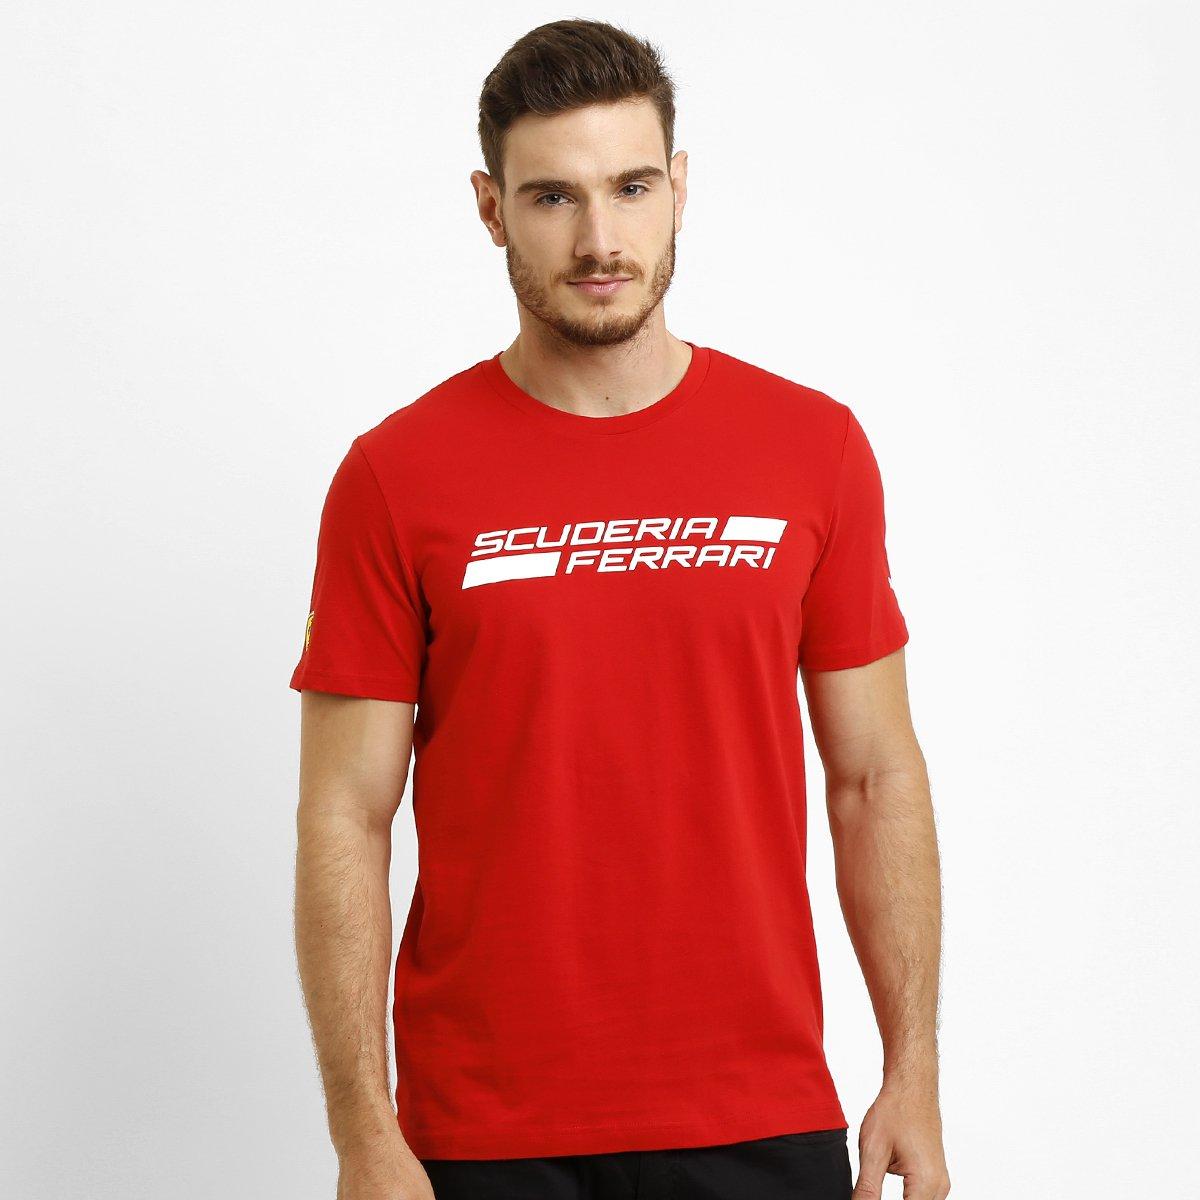 Camiseta Puma Scuderia Ferrari Graphic Tee - Compre Agora  8586e0e74cace